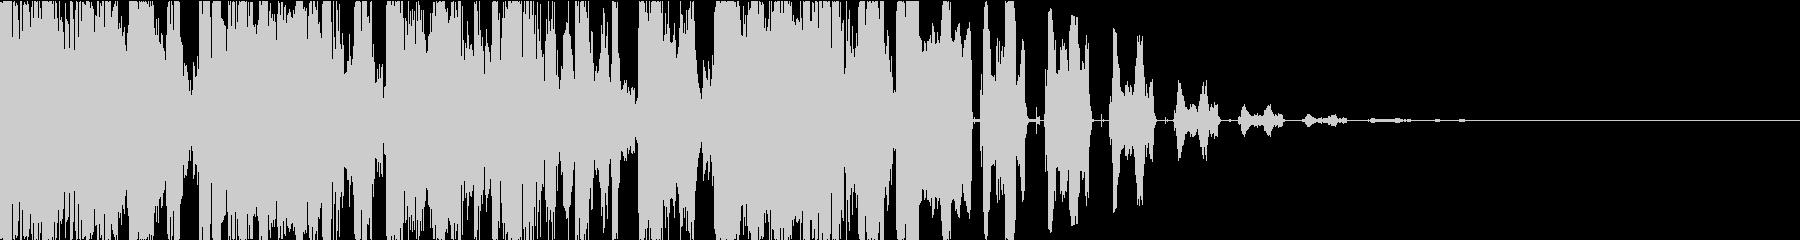 ヒップホップ・DJスクラッチ・ジングルbの未再生の波形